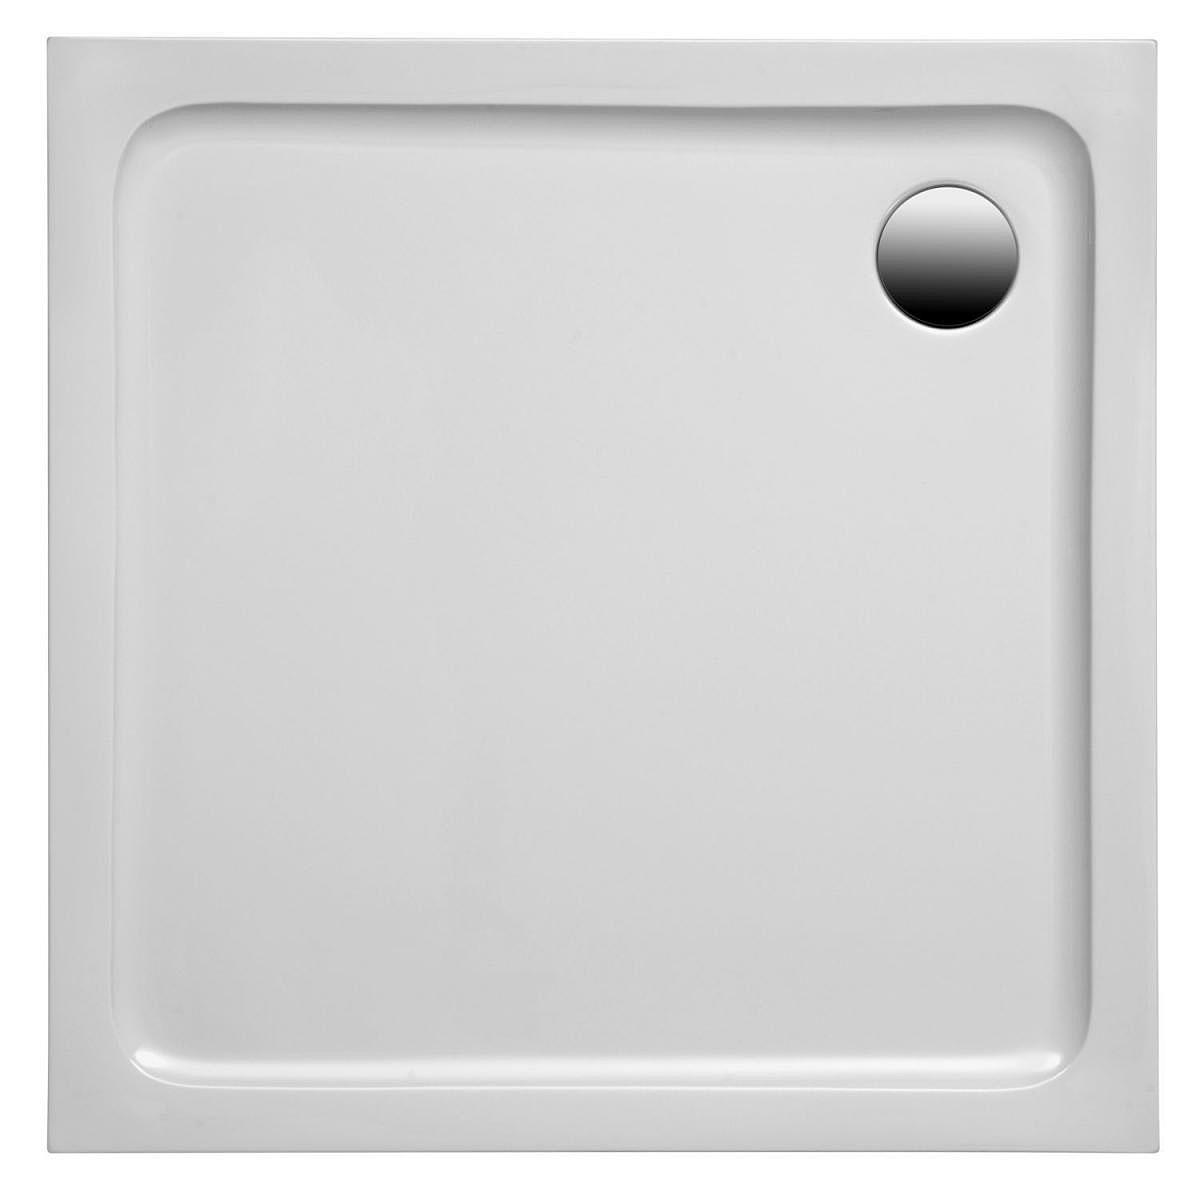 Ottofond Duschtasse Rubi 90 x 90 x 3 cm, weiss 900802